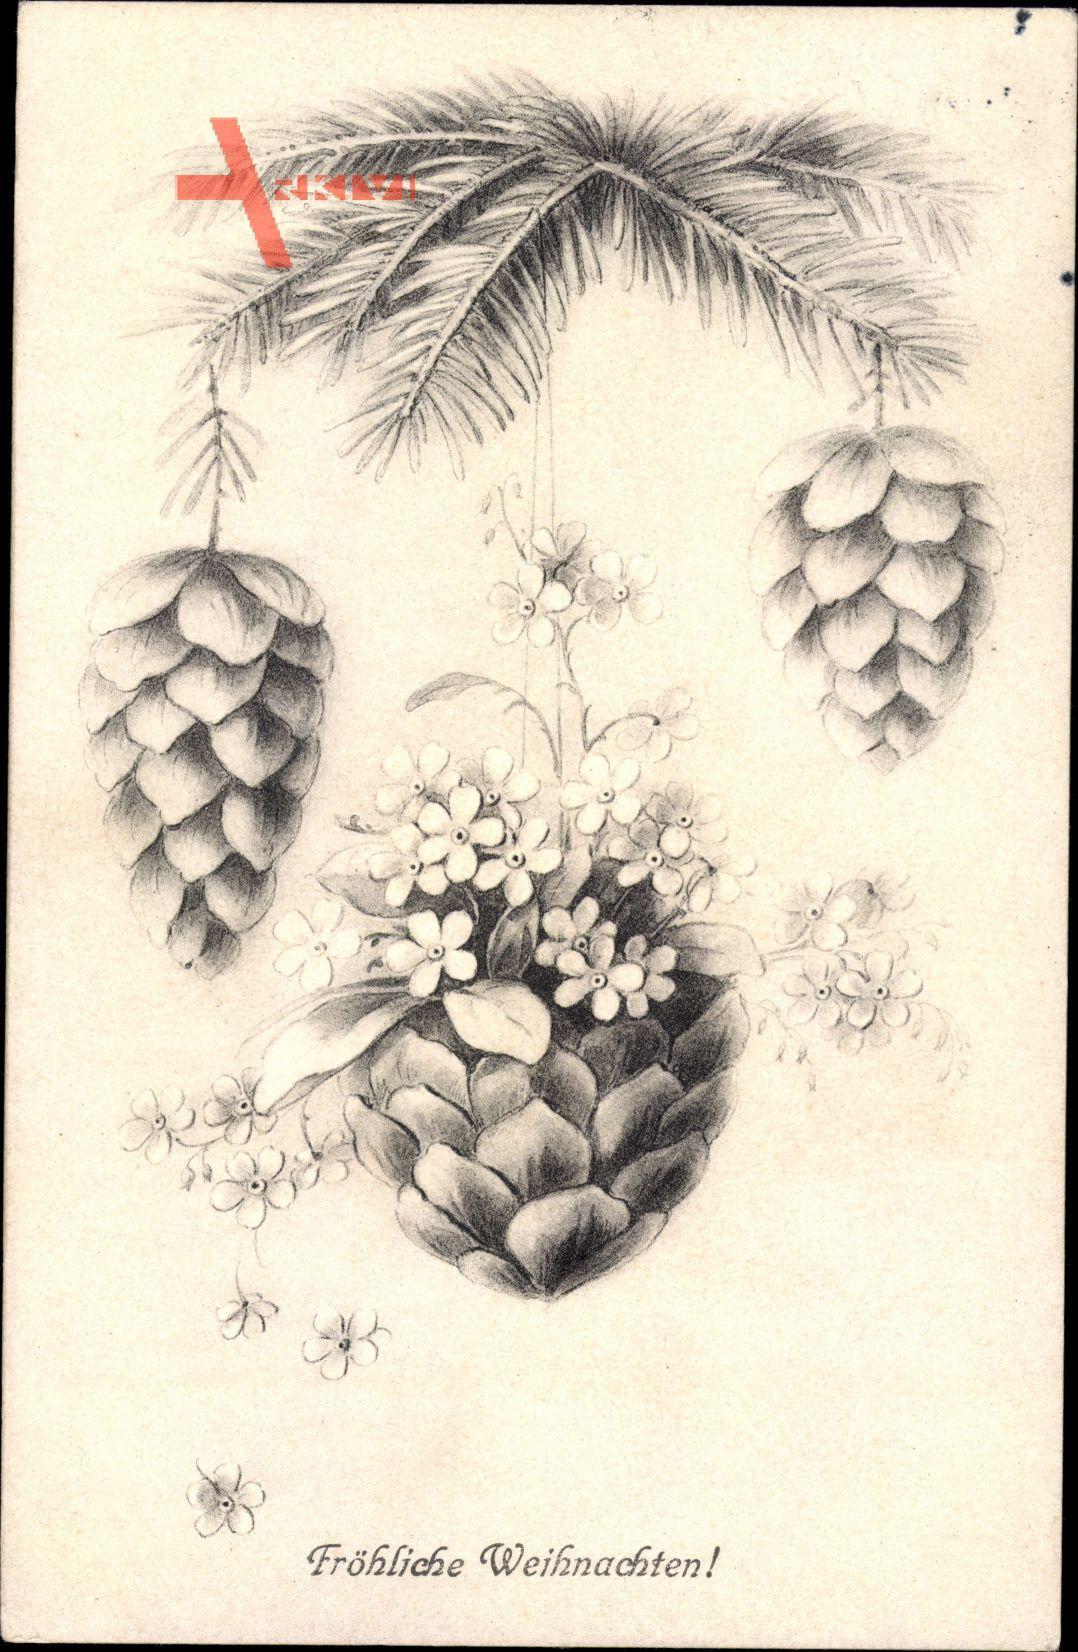 Frohe Weihnachten, Tannenbaum, Tannenzapfen am Zweig